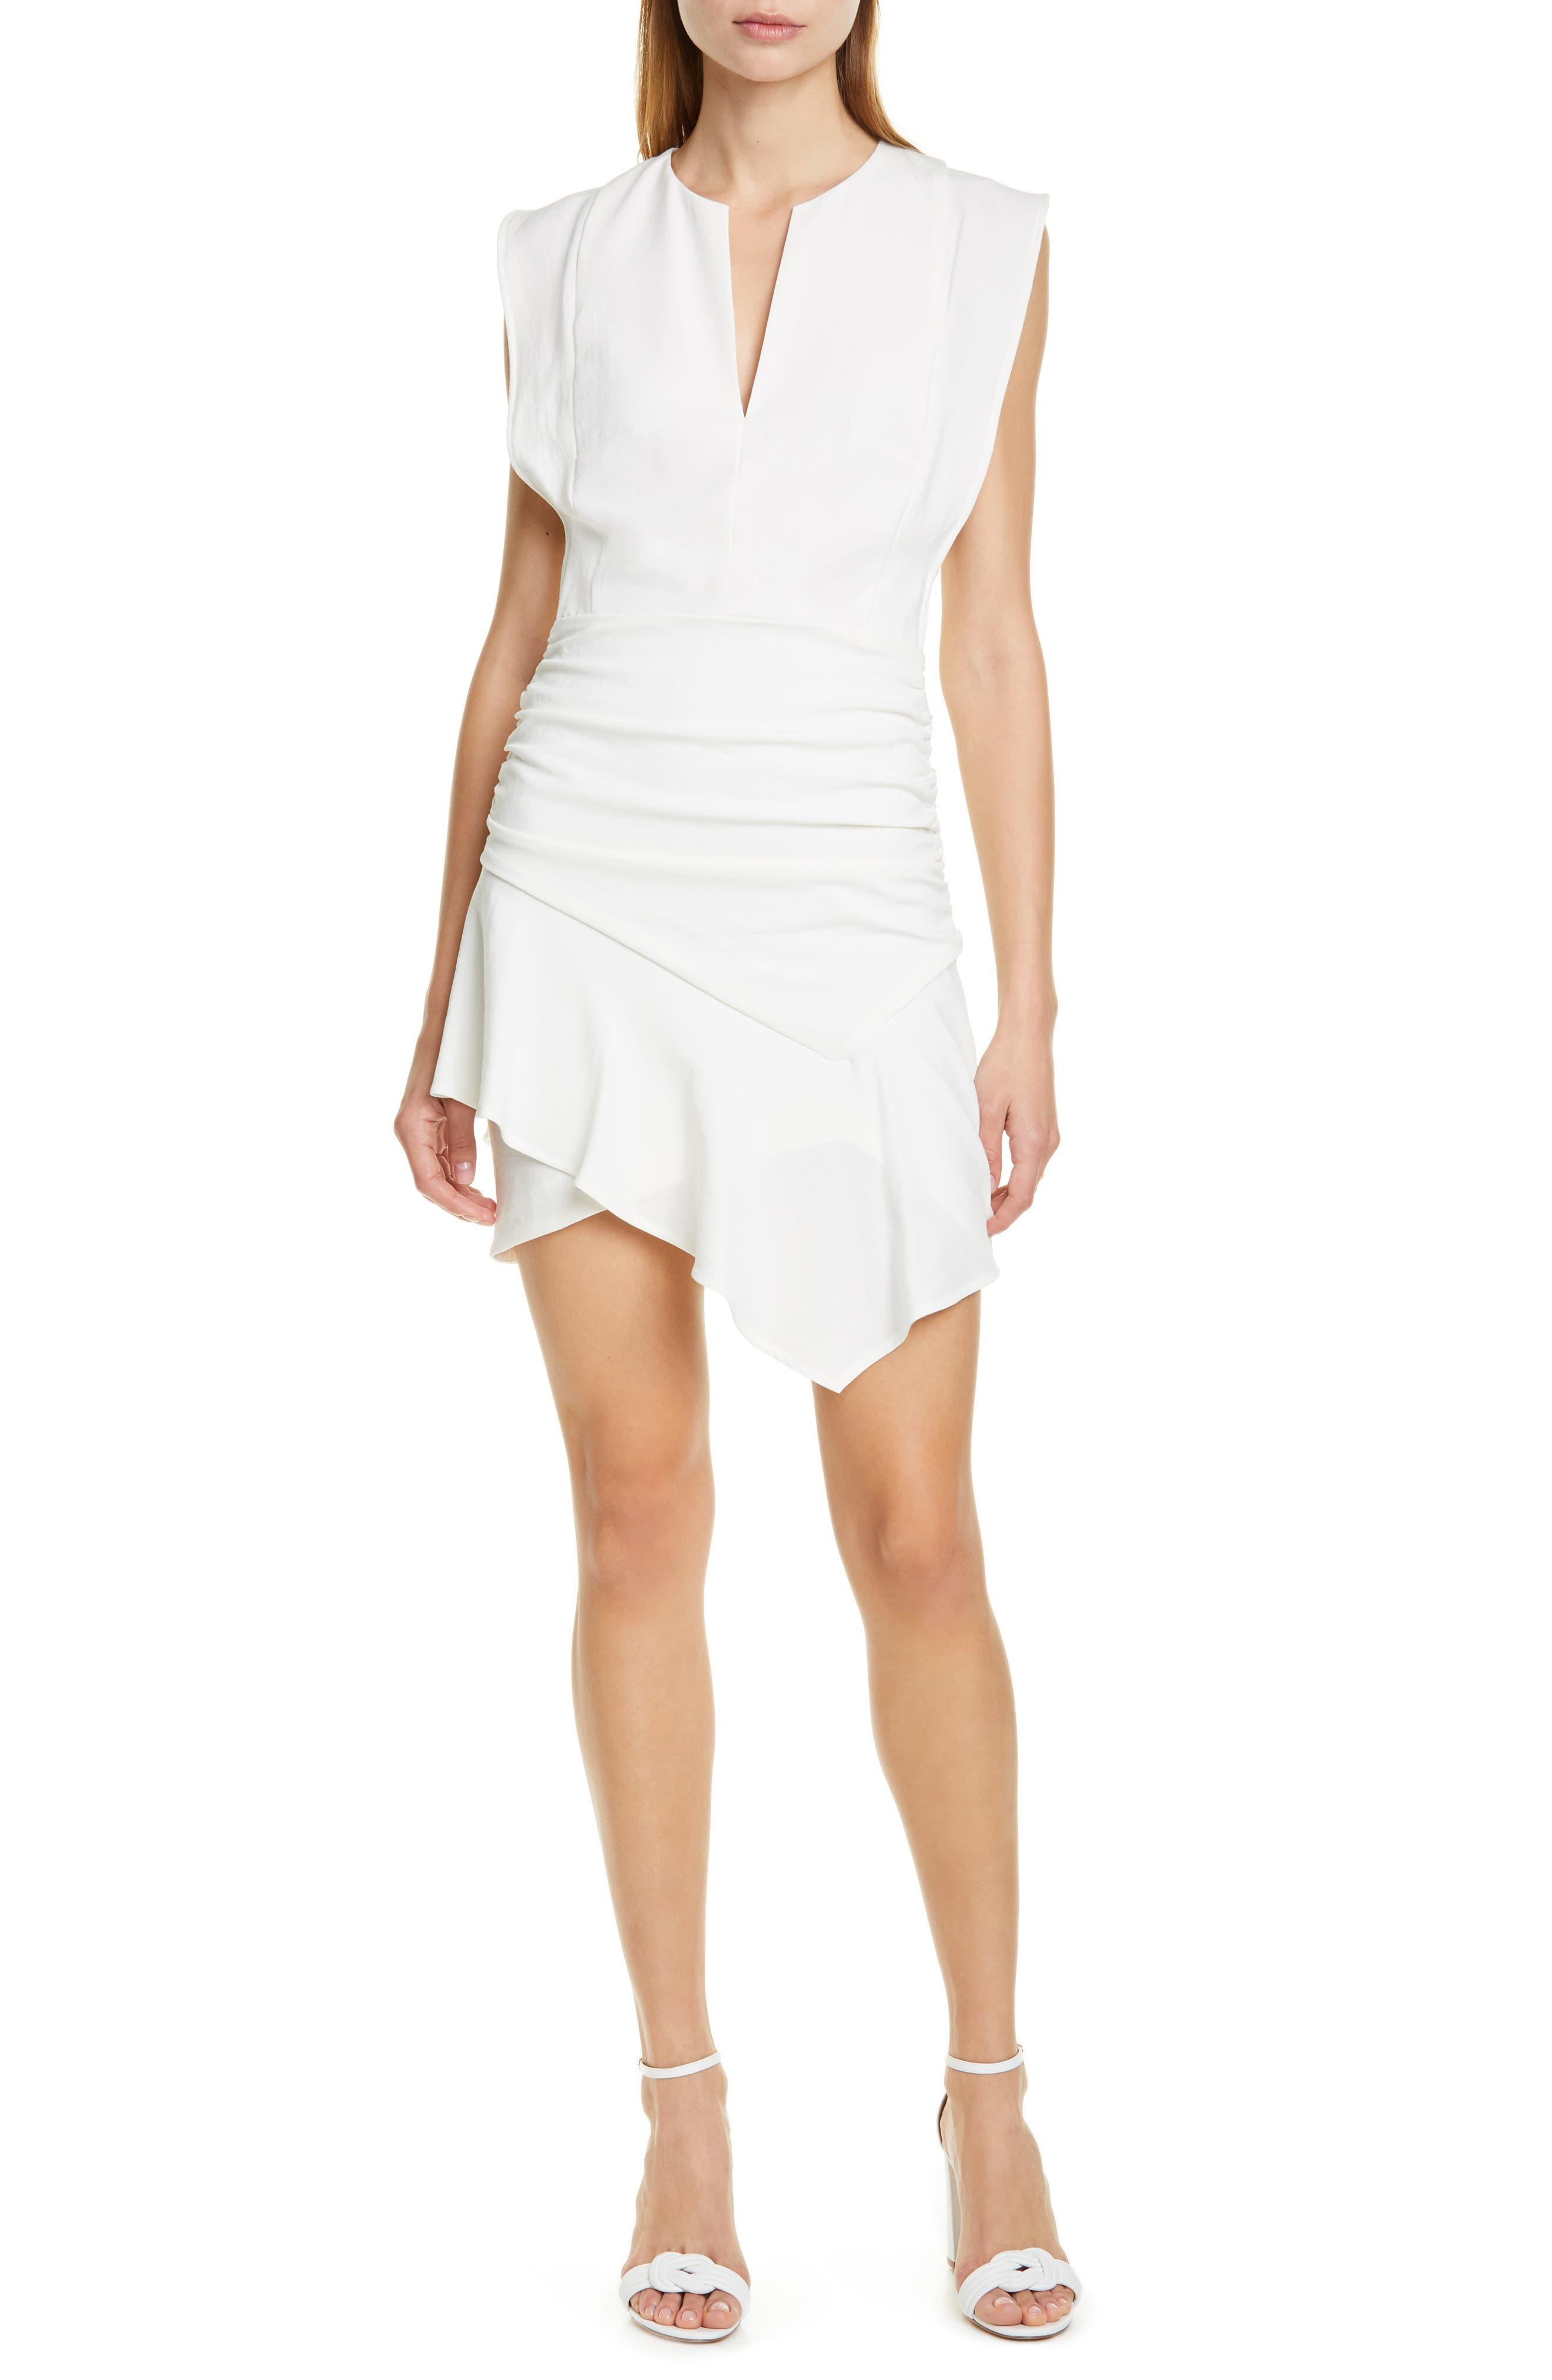 Ba & sh Jess Asymmetrical Minidress, Ivory